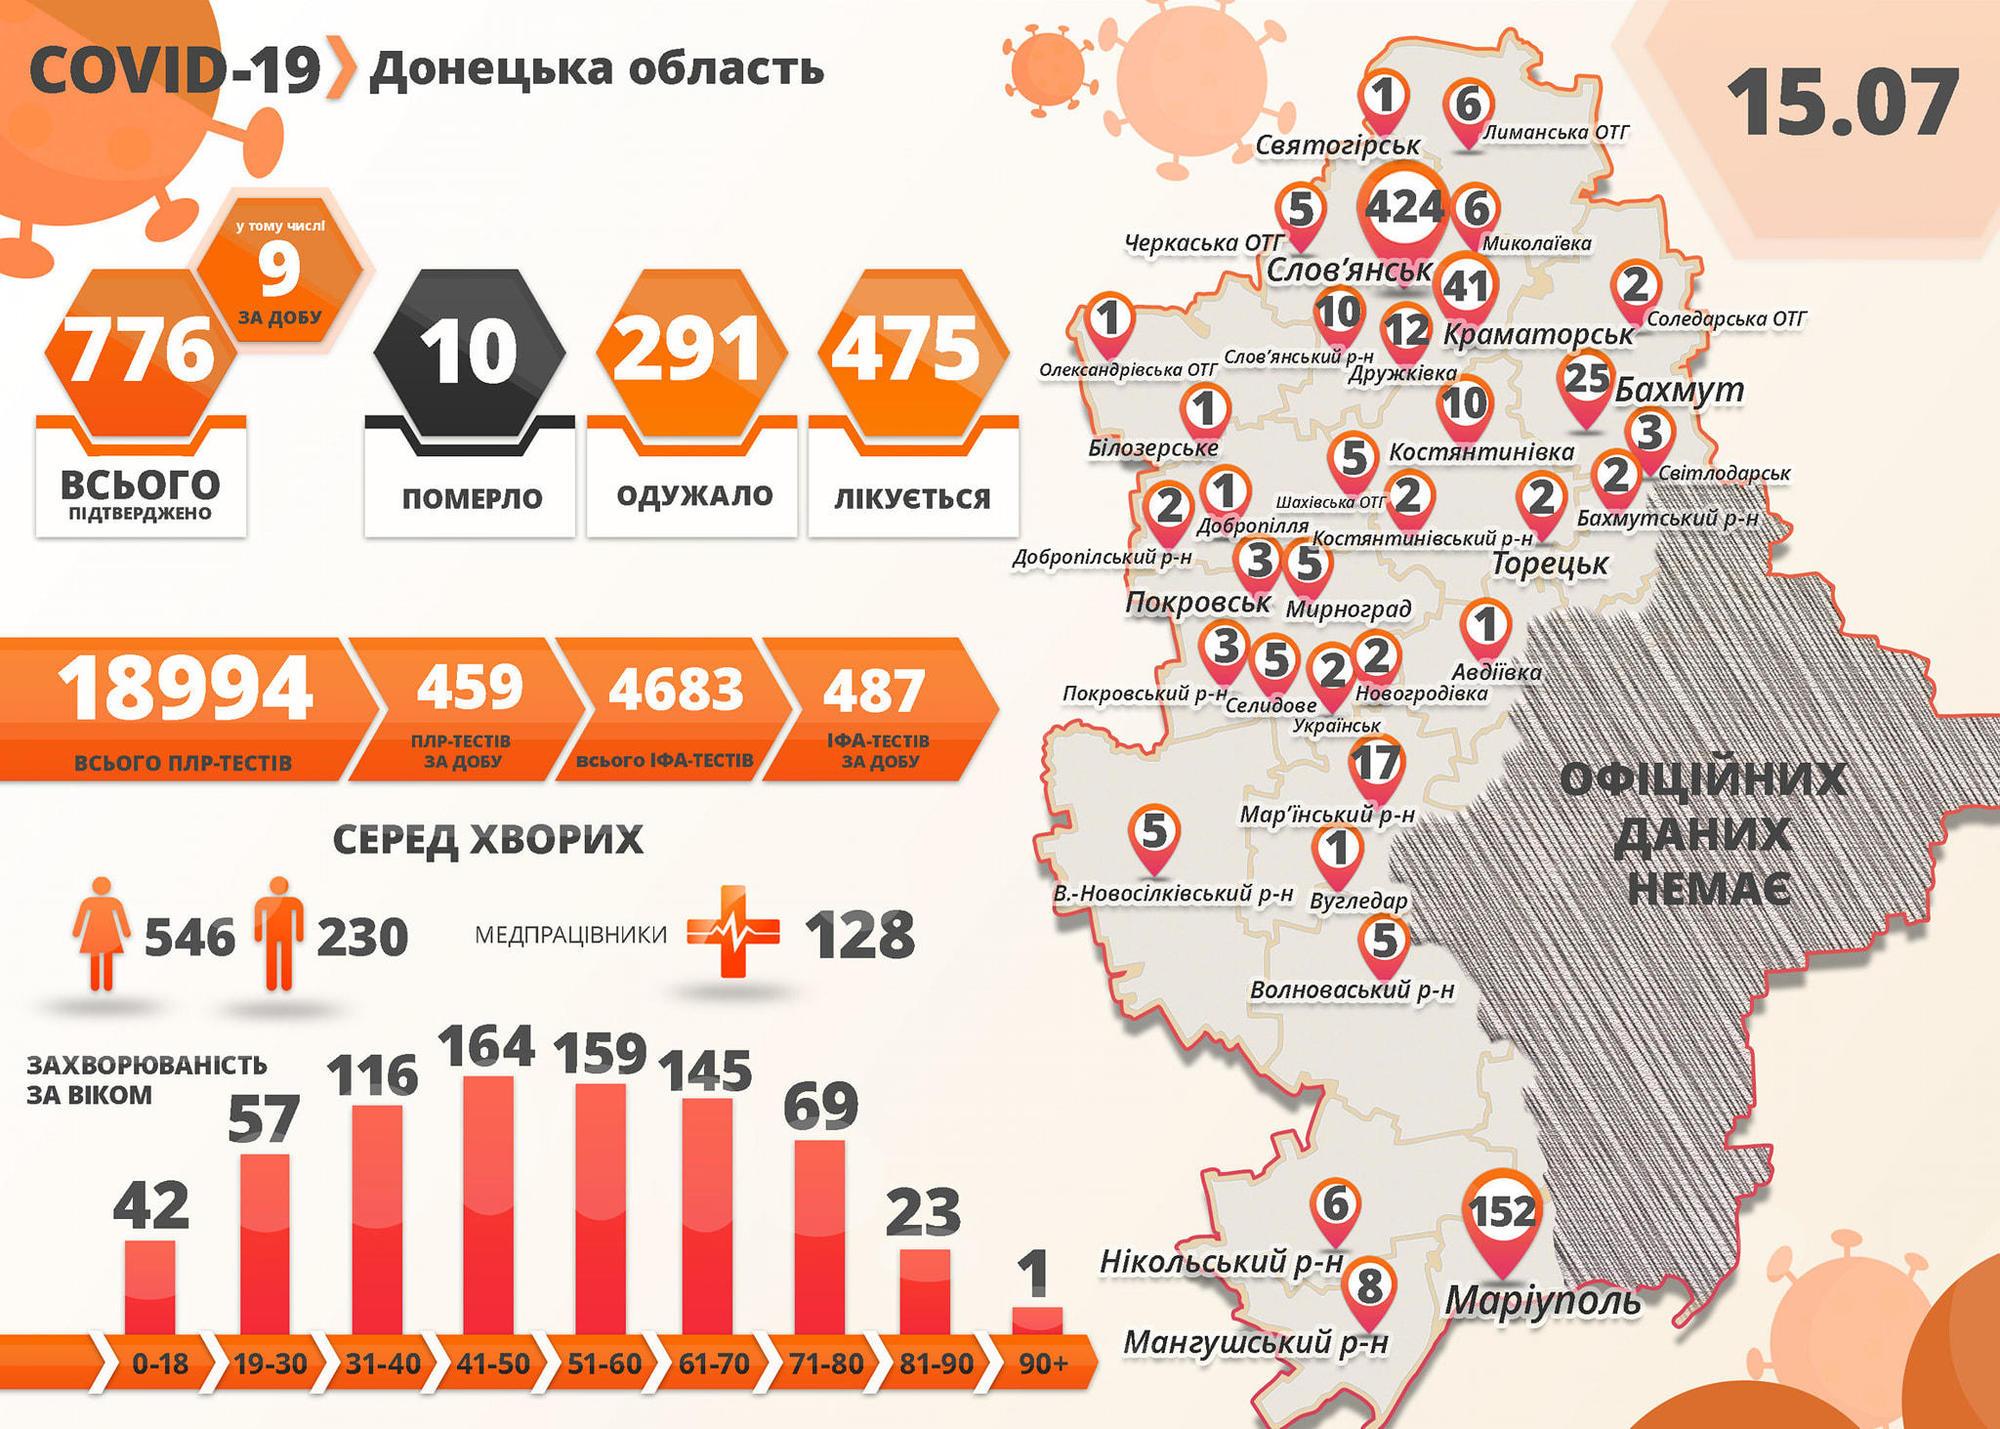 коронавирус статистика 15.07.2020 Донецкая область инфографика